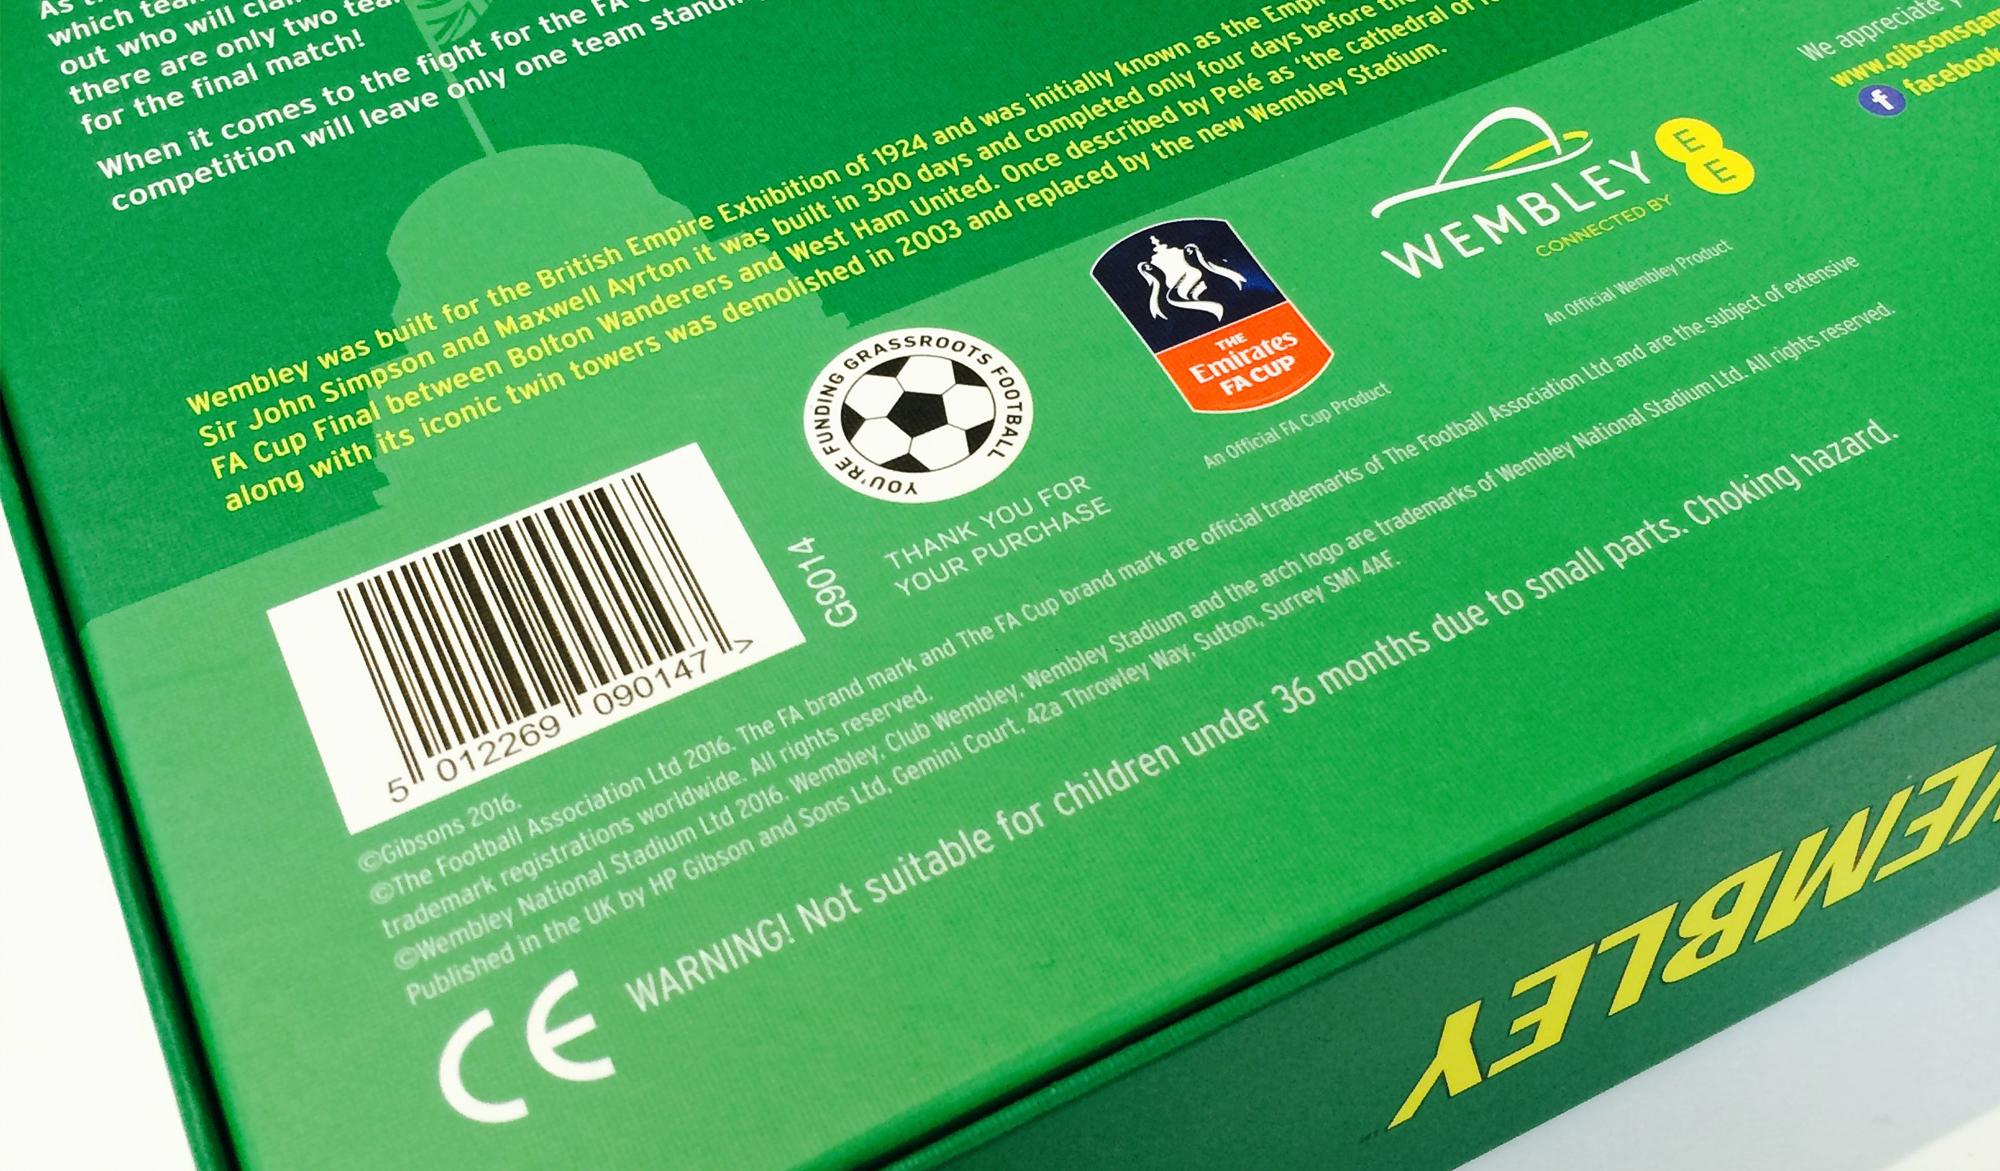 Wembley box back image